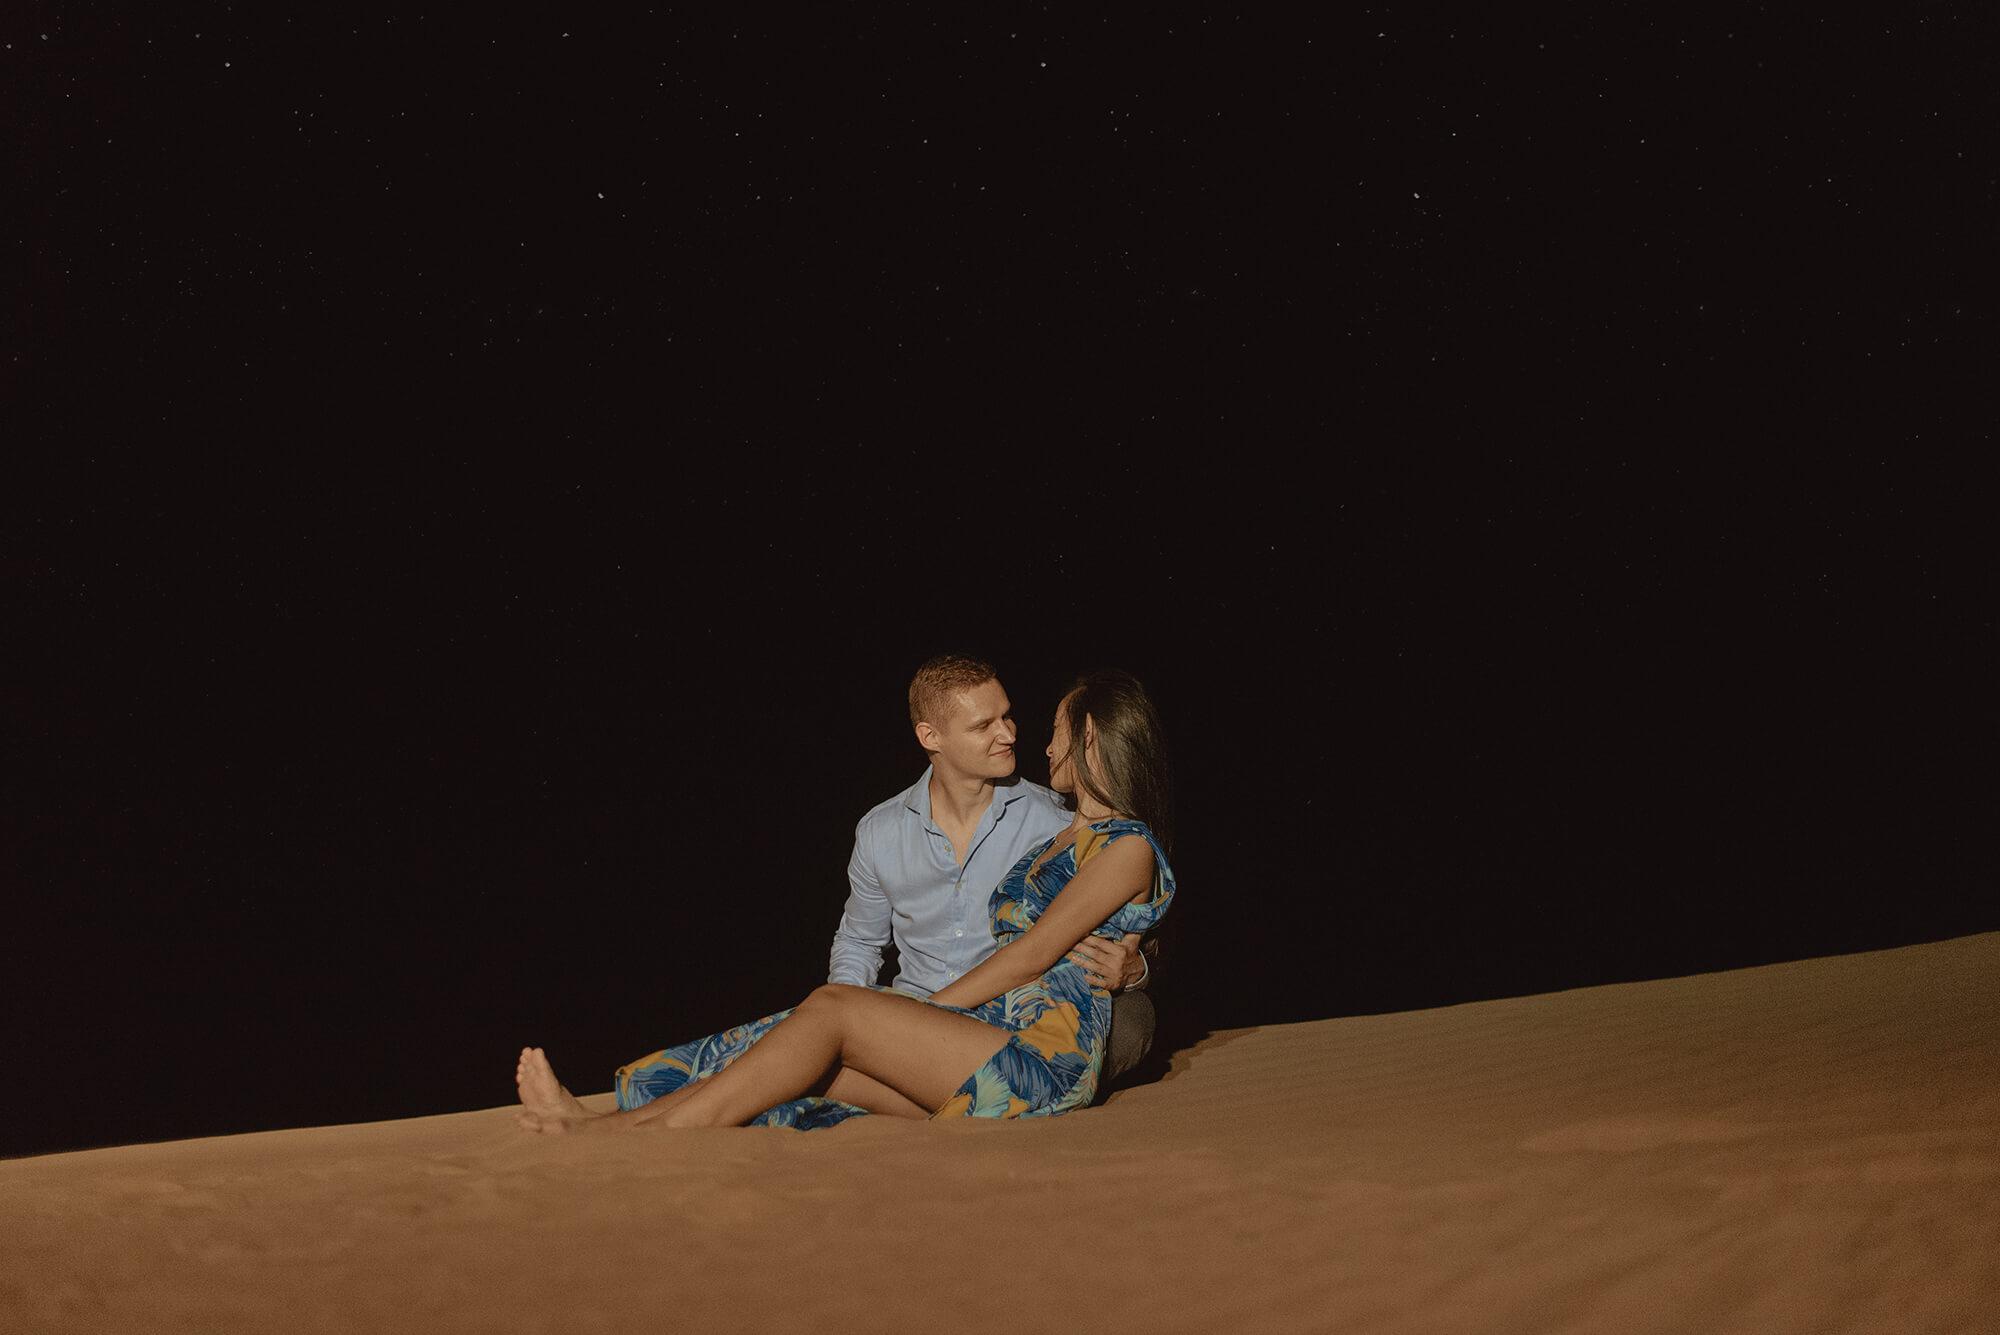 Sesja narzeczenska w dubaju12 - Citra + Kuba | miłość w Dubaju + 6 powodów dlaczego sesja narzeczeńska jest tak ważna